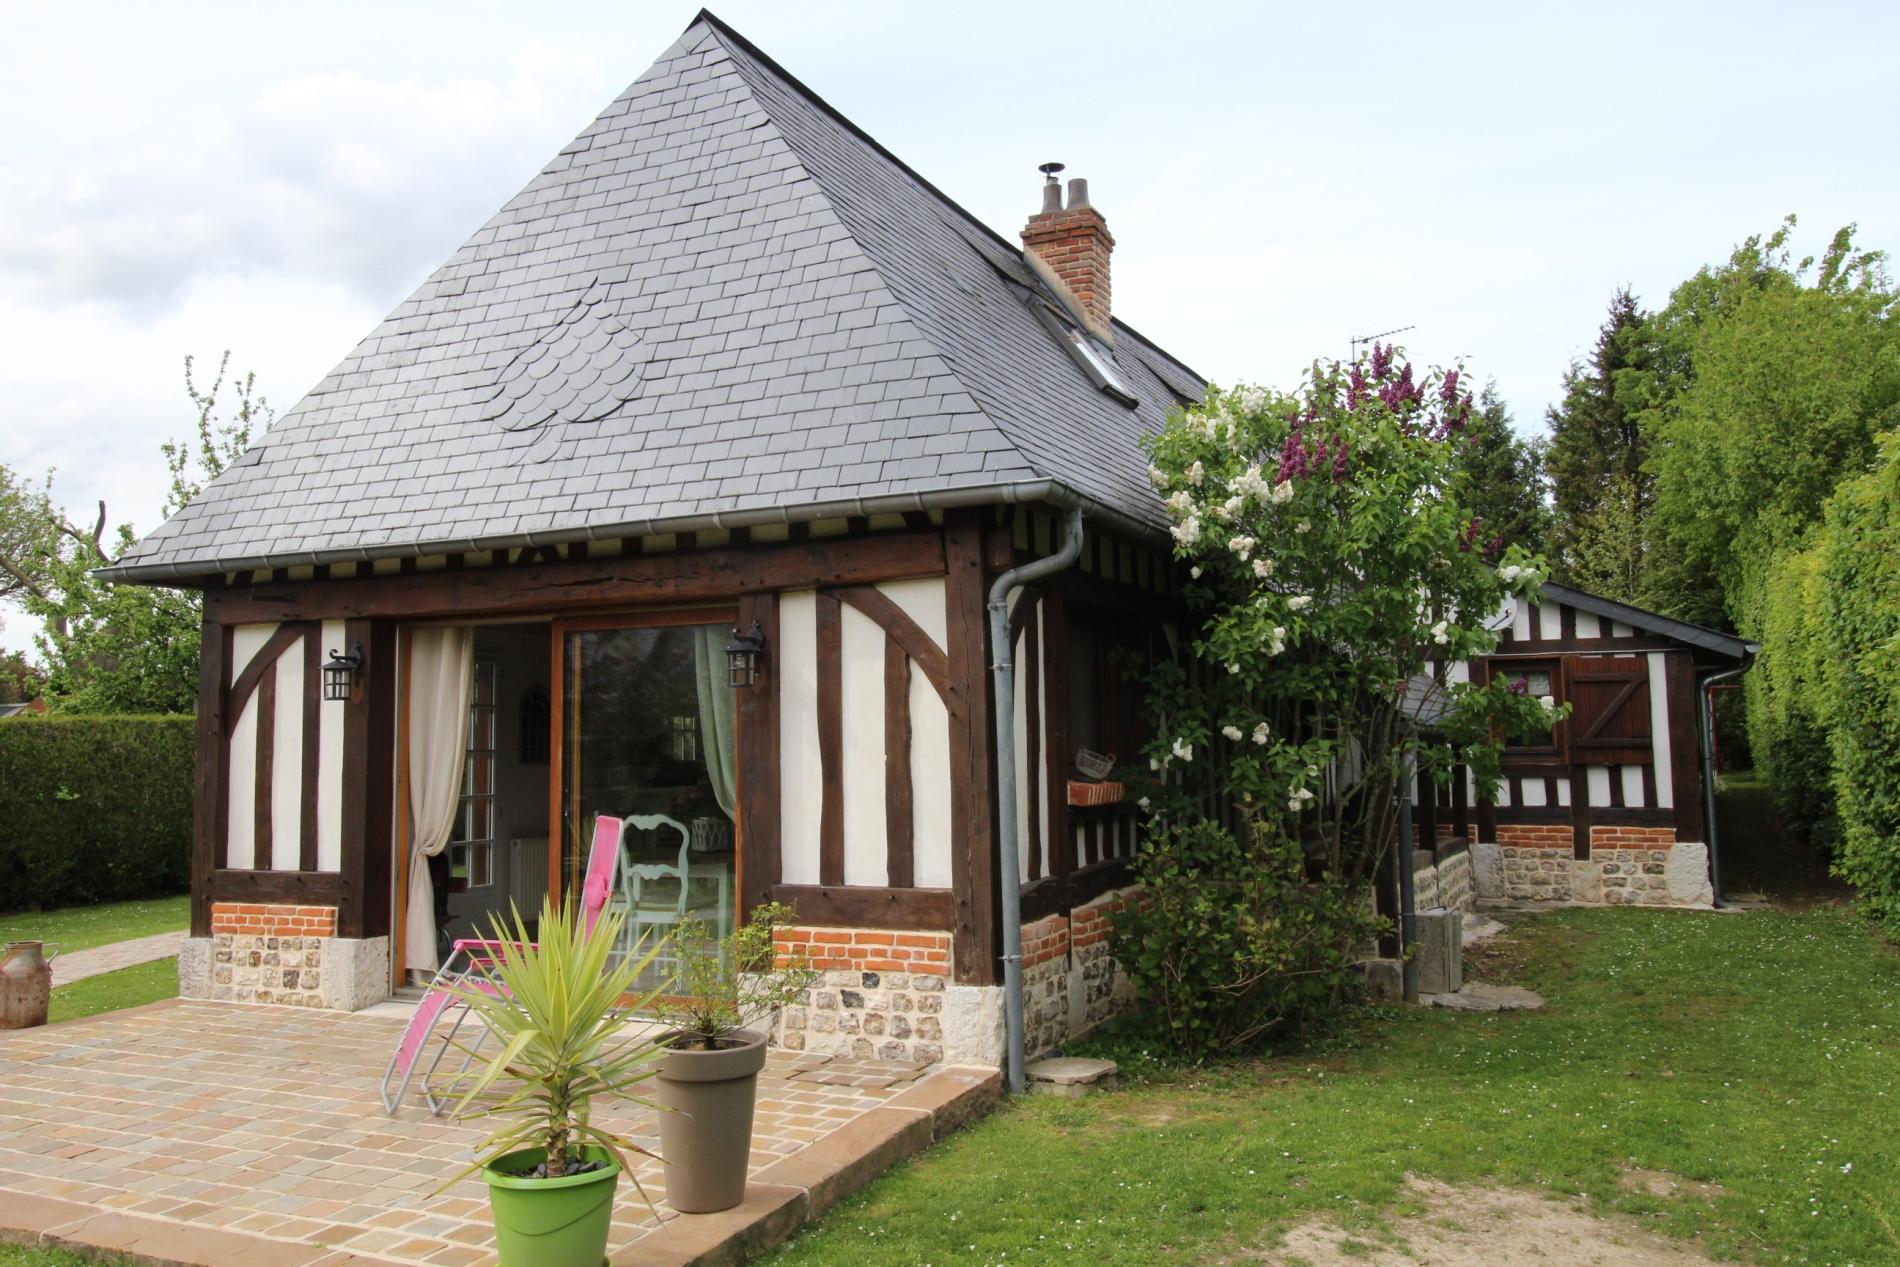 Vente maison normande en tr s bon tat axe caudebec en for Acheter des maisons